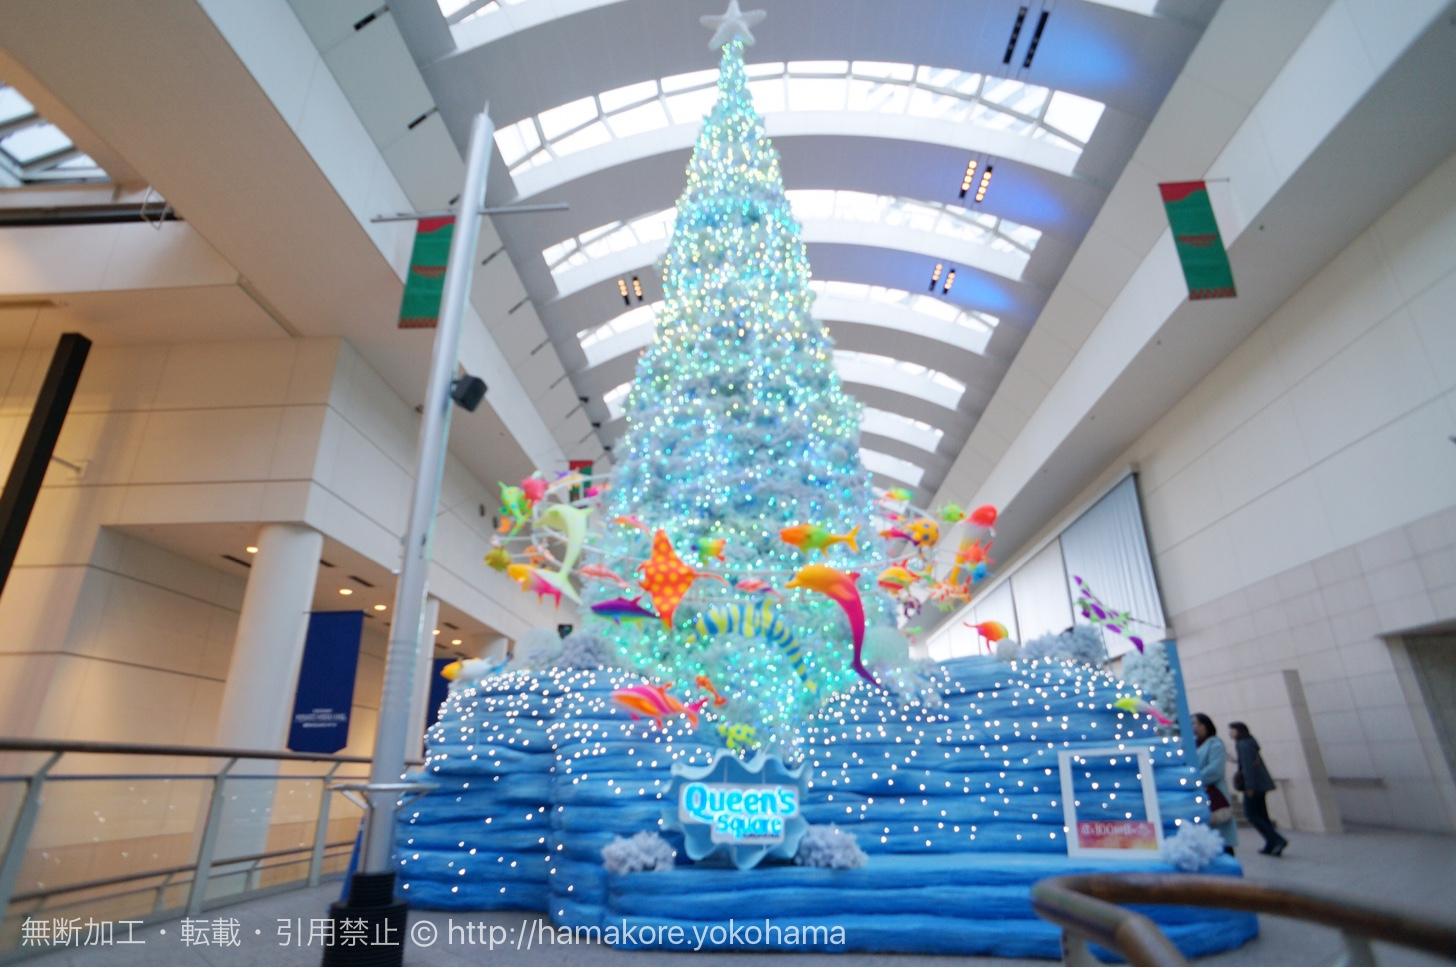 クイーンズスクエア 2016年のクリスマスツリー